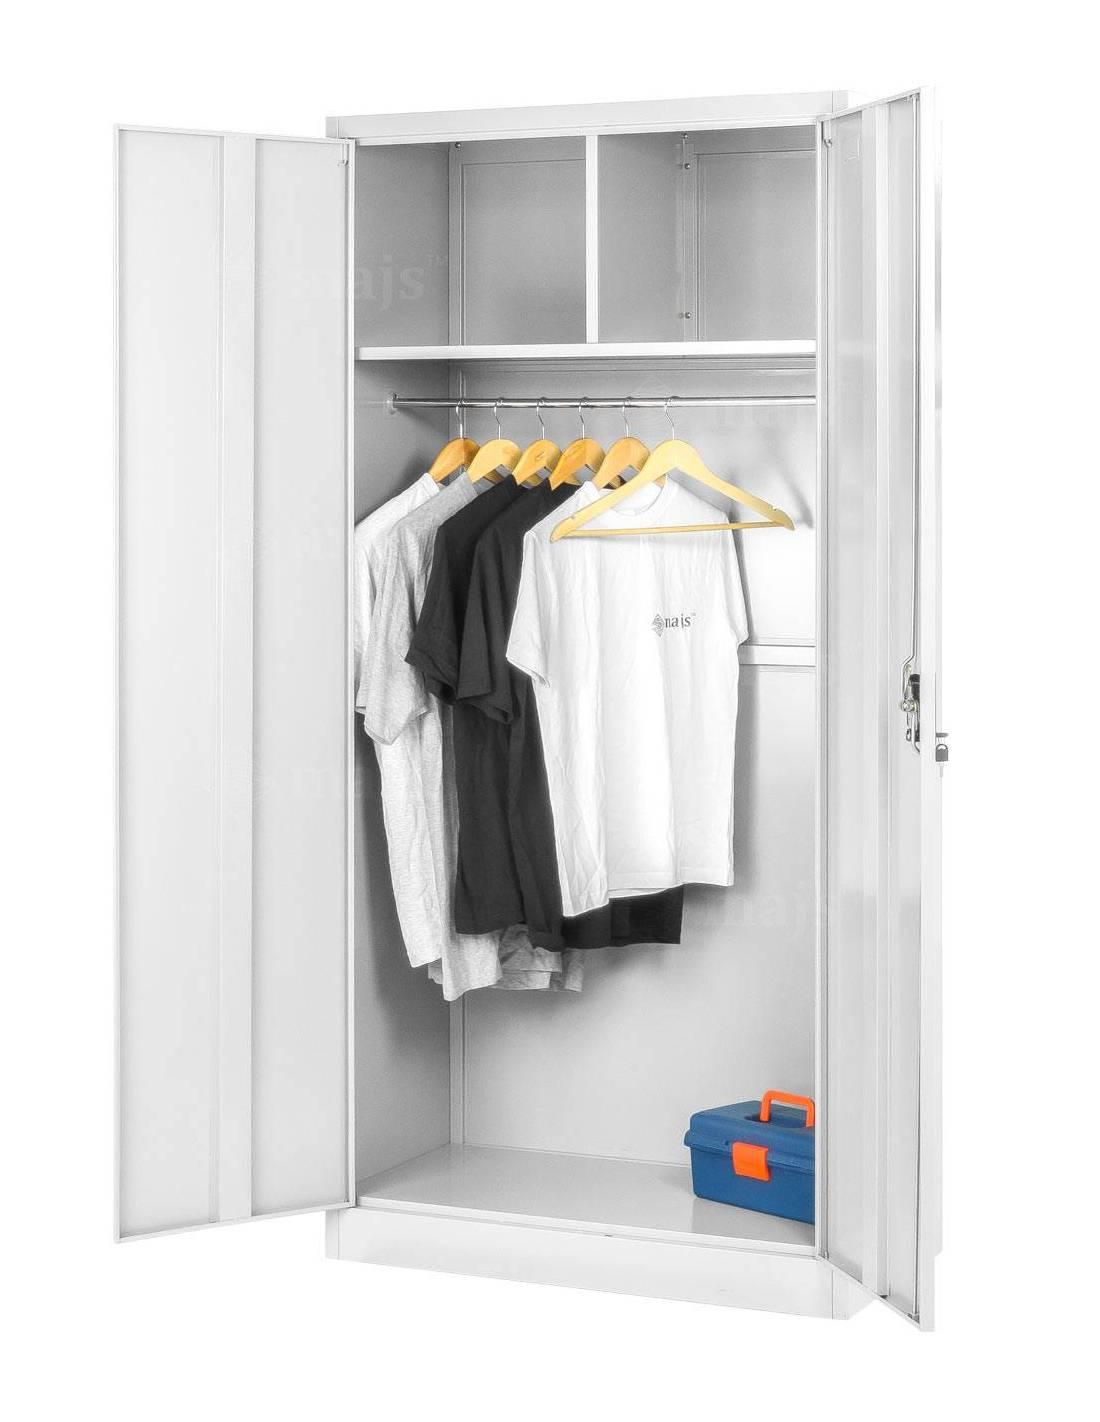 Szafa dwudrzwiowa z półkami i drążkiem na ubrania